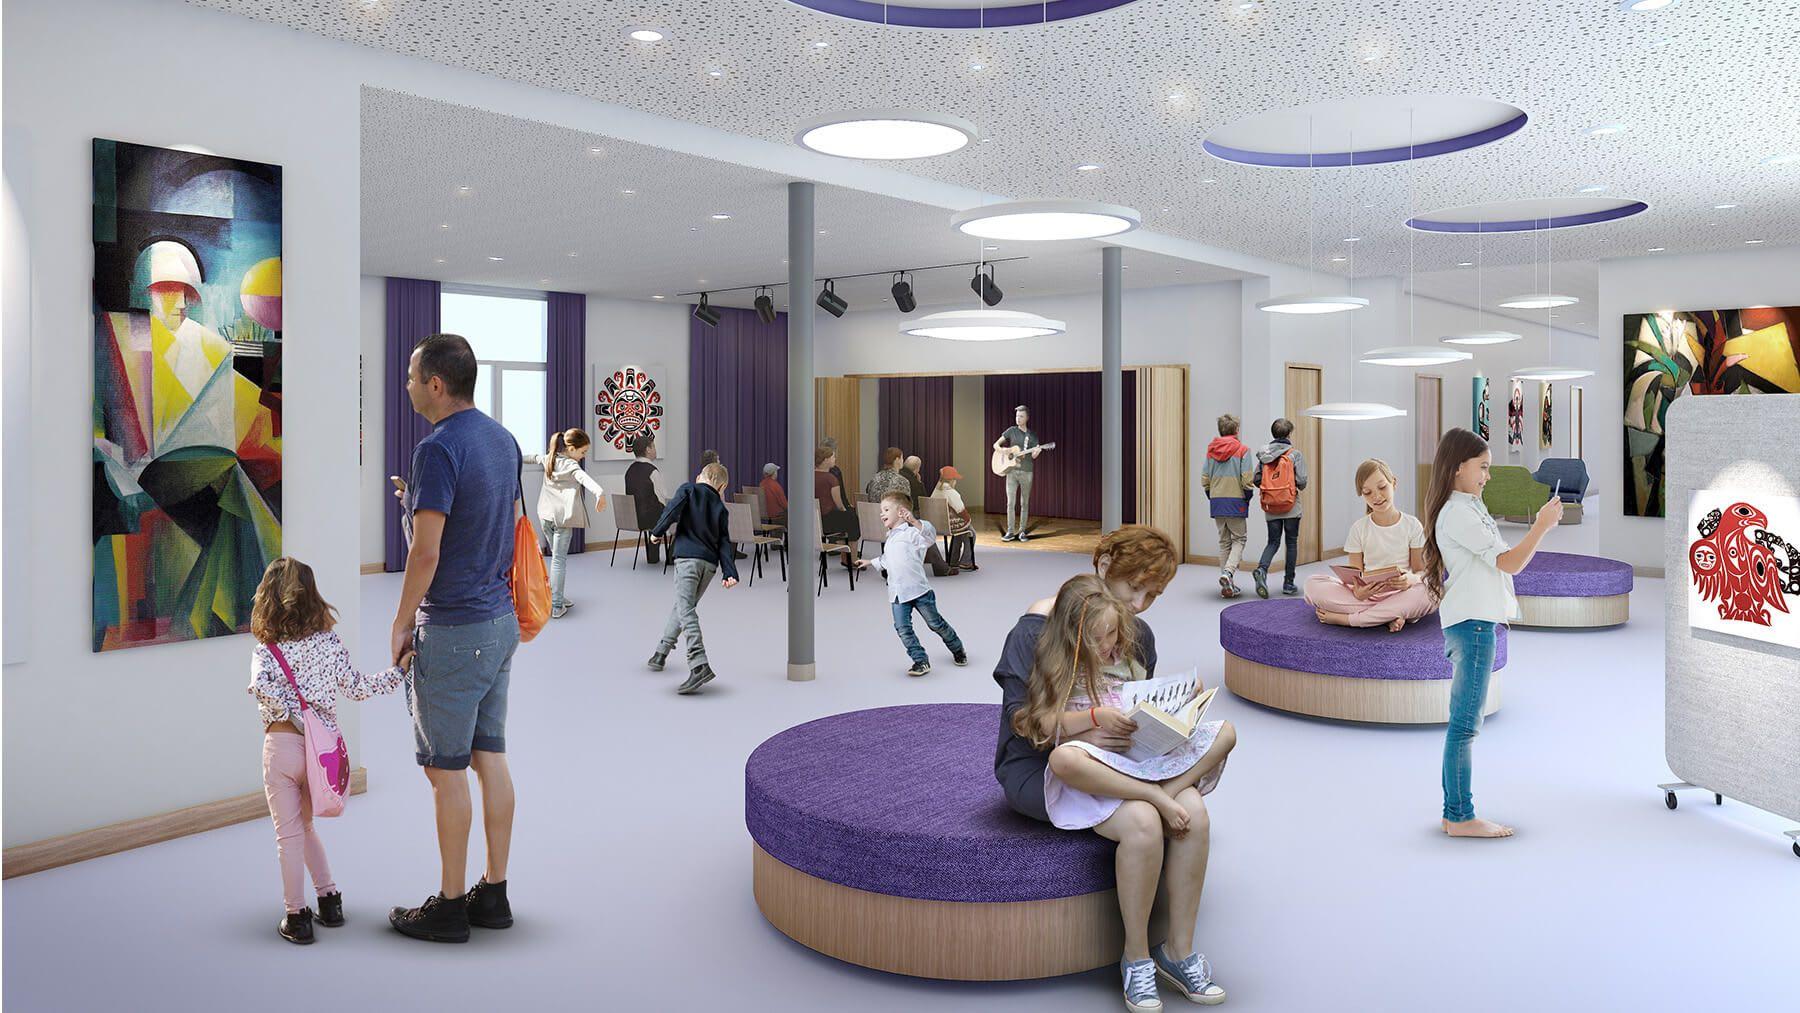 Design strategy for the new Progressive school headquarters | 2019, Sofia, Bulgaria